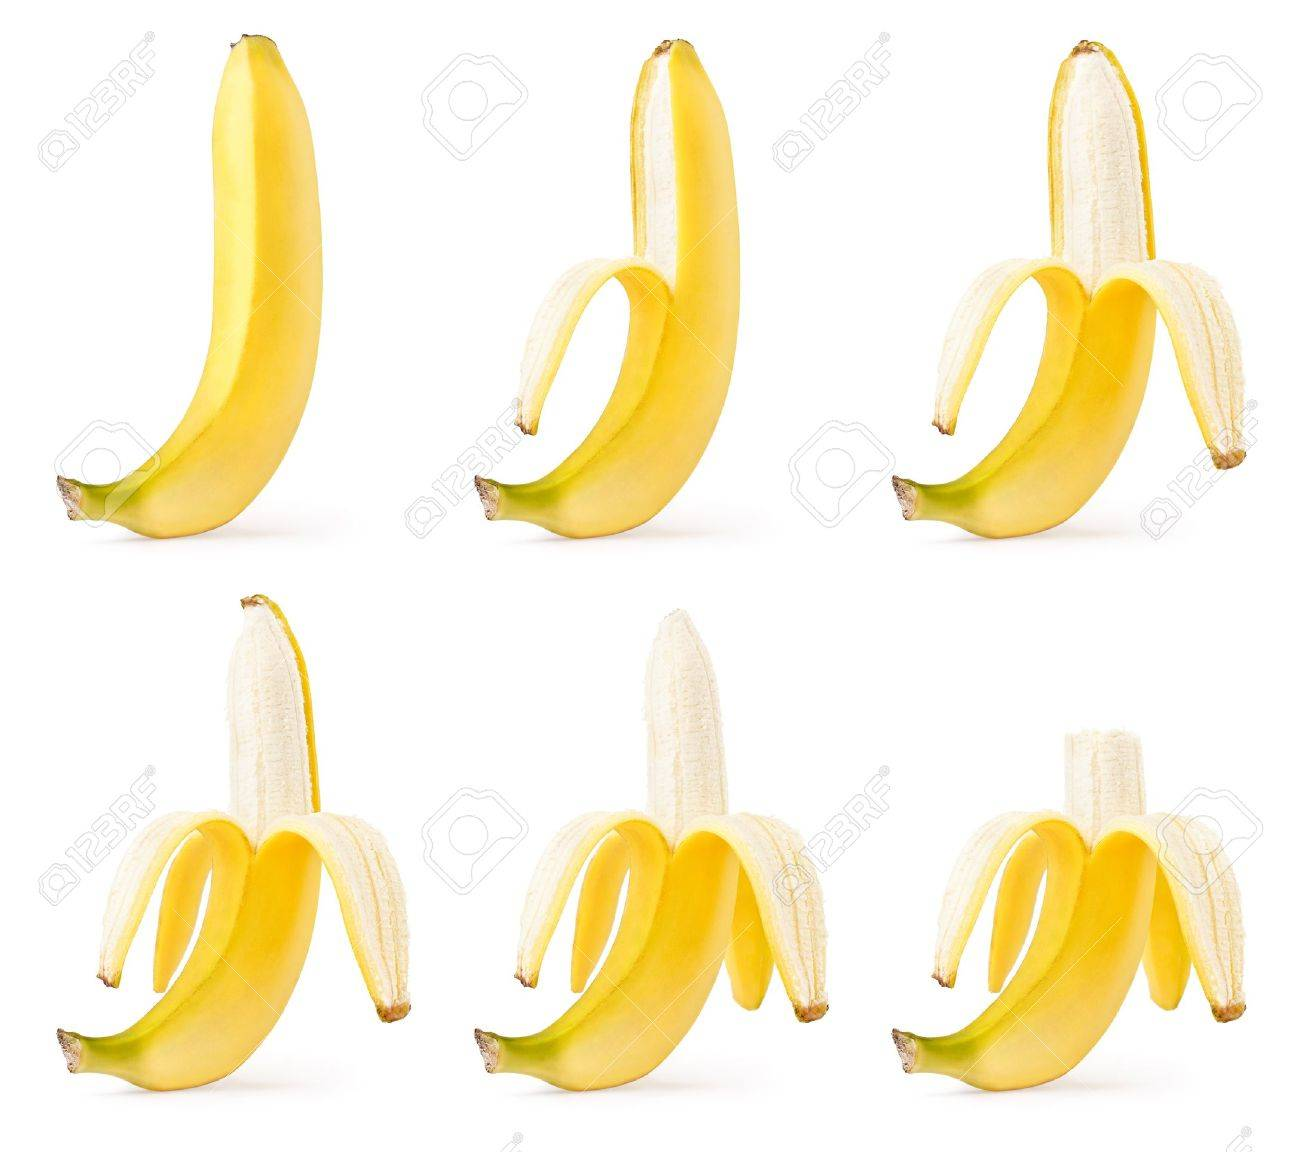 Peeling of bananas set isolated on white background Stock Photo - 8874111